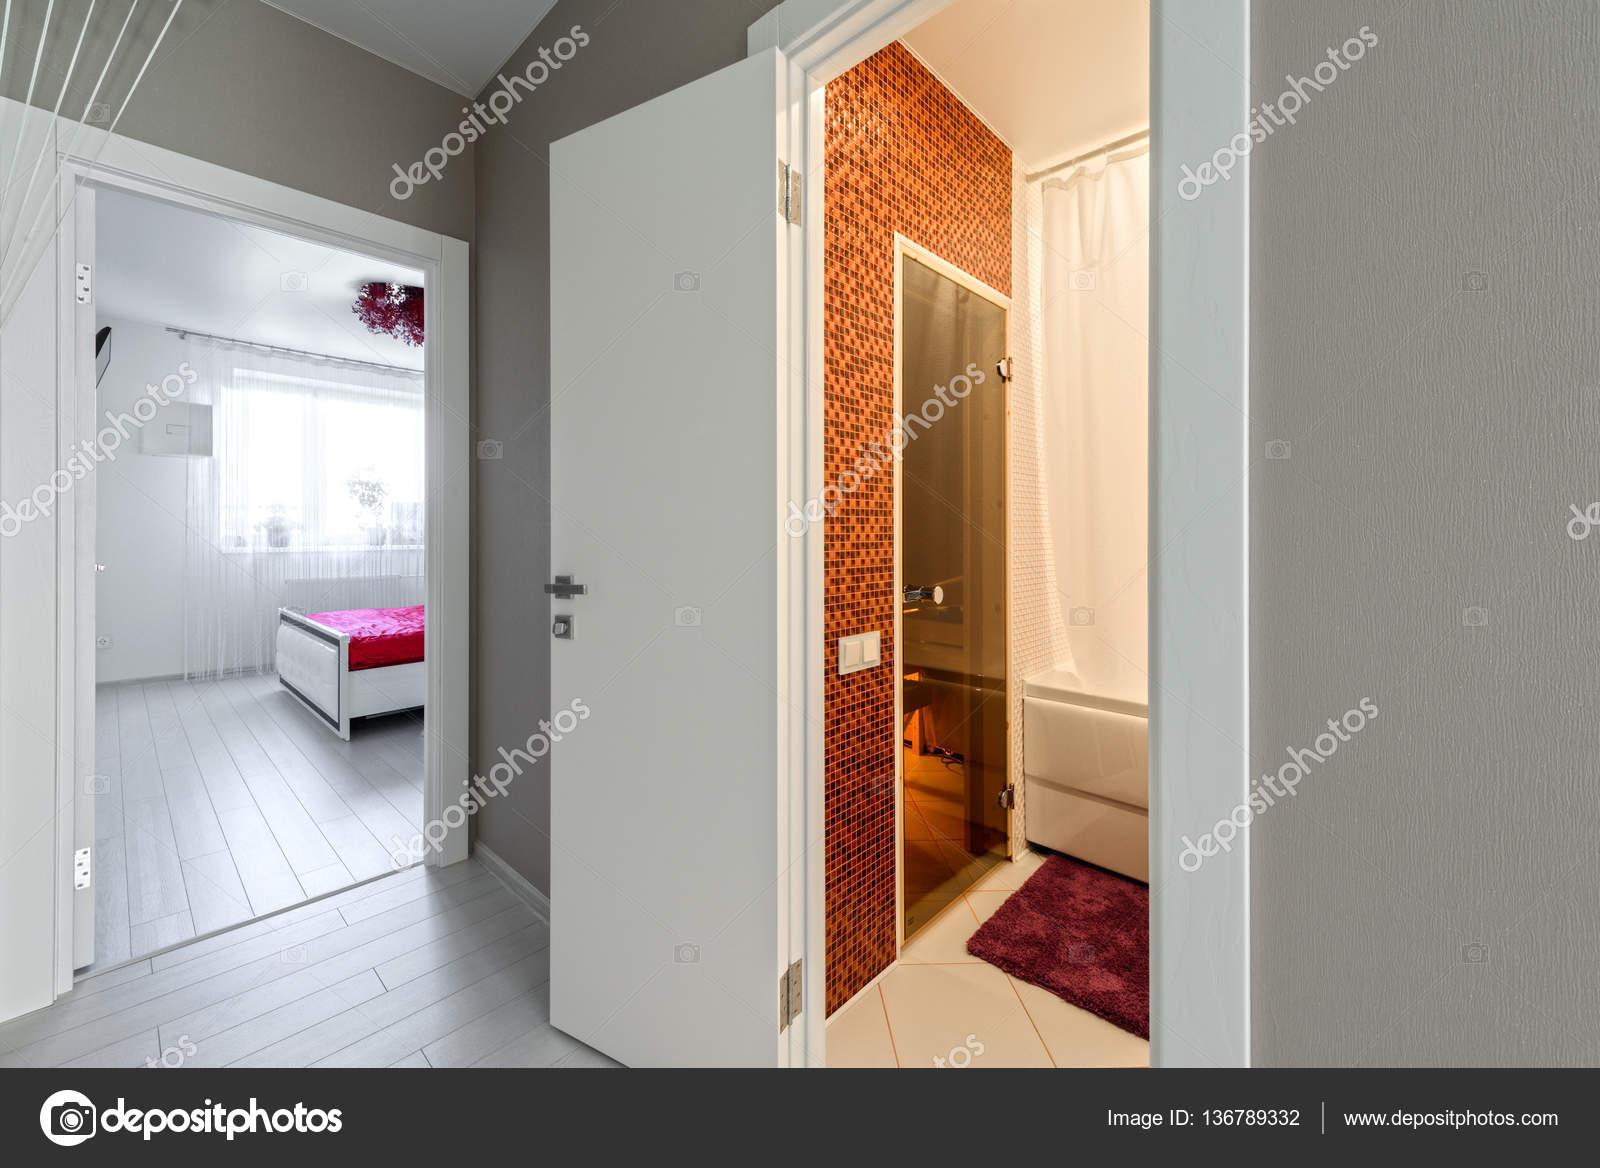 Corridoio interno moderno appartamento con vista bagno e for Interno moderno